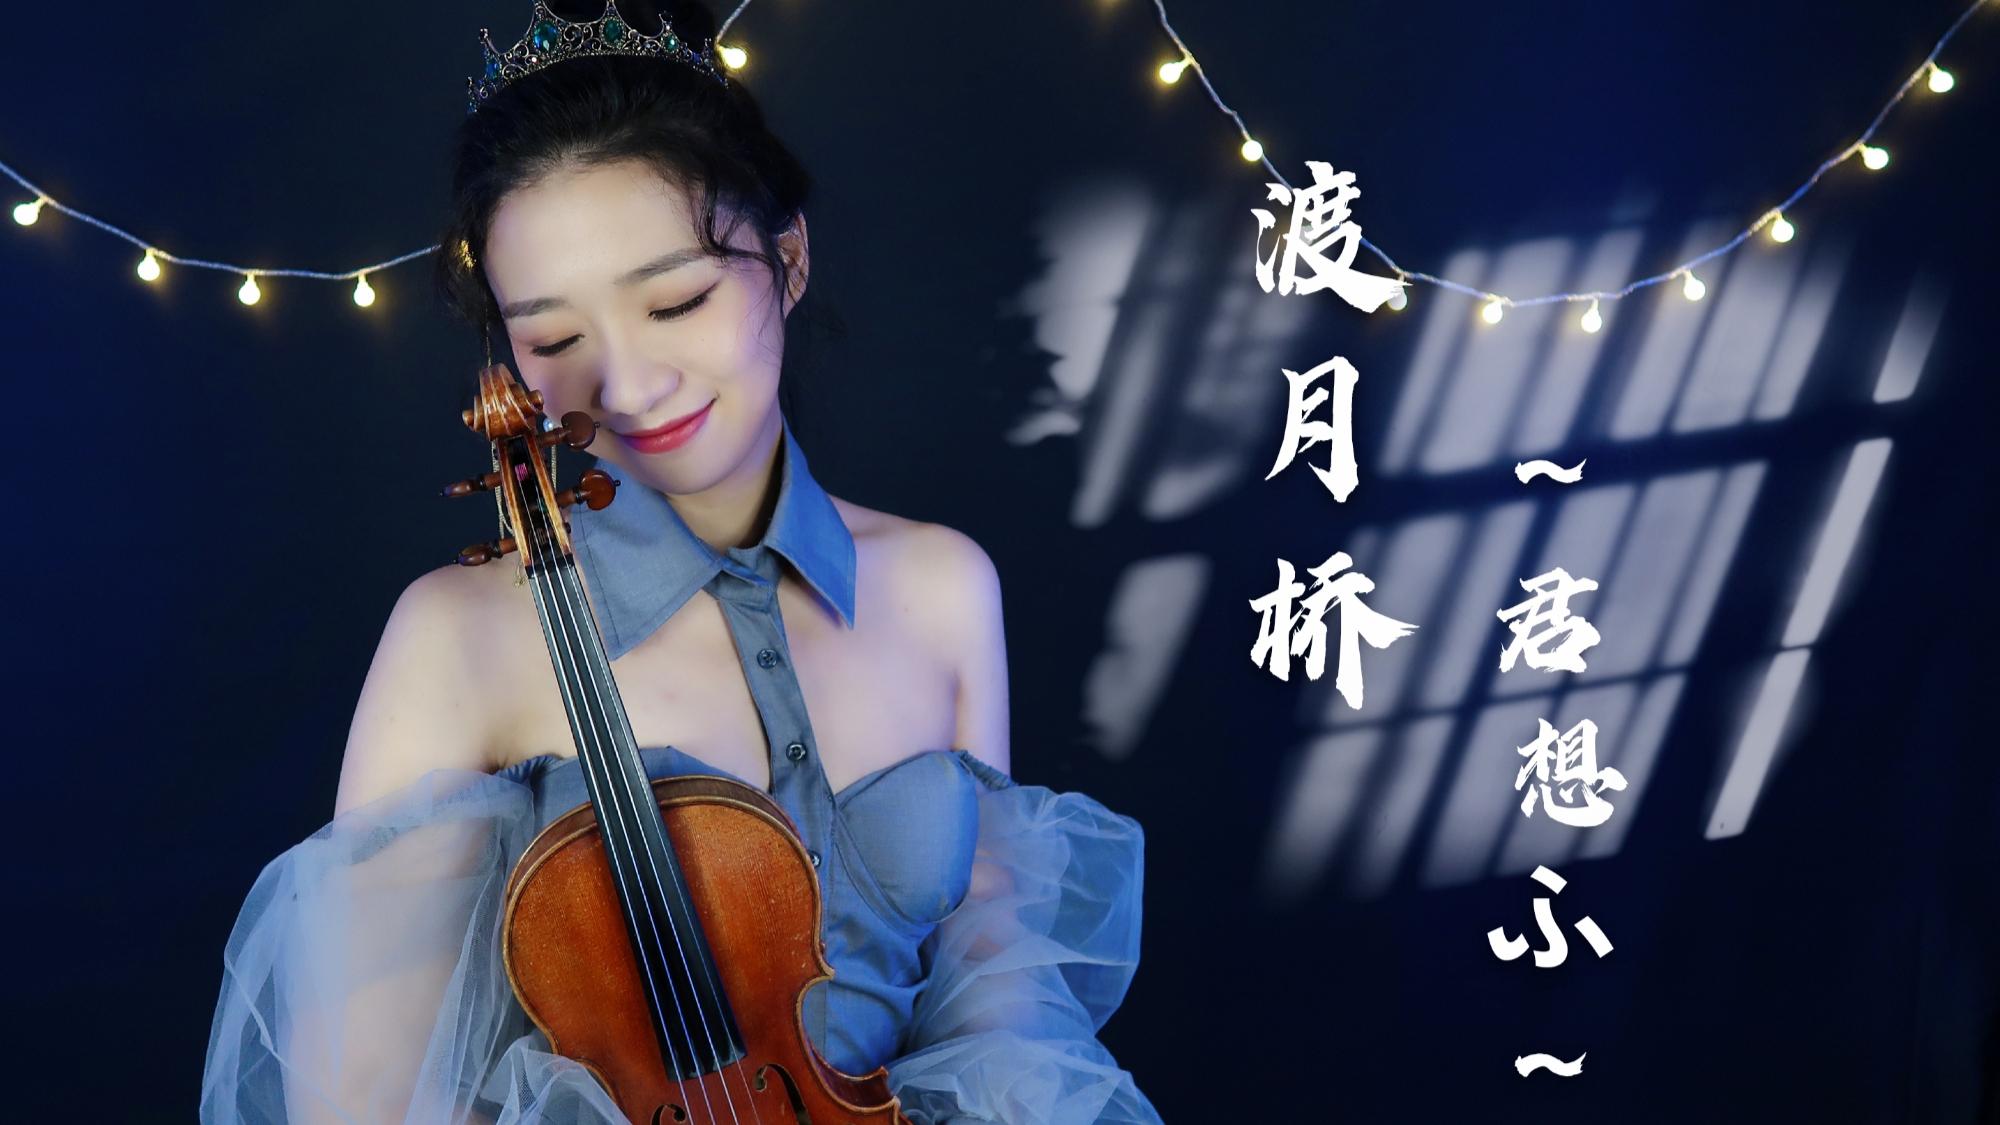 【鲍雪次元】名侦探柯南《渡月橋~思君》:唐红的恋歌 主题曲 仓木麻衣 小提琴演奏